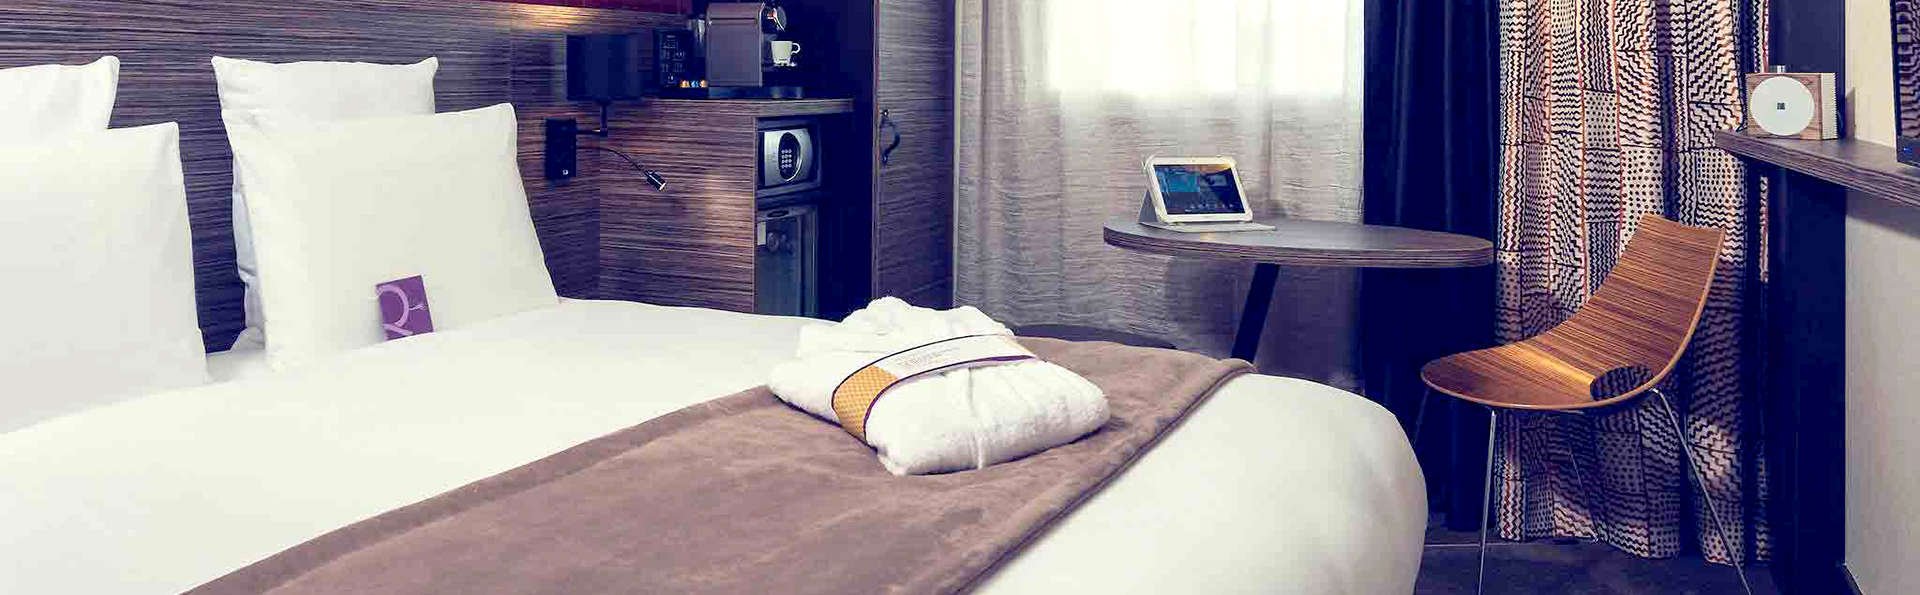 Séjour dans un hôtel 4* aux portes de Paris (2 nuits minimum)